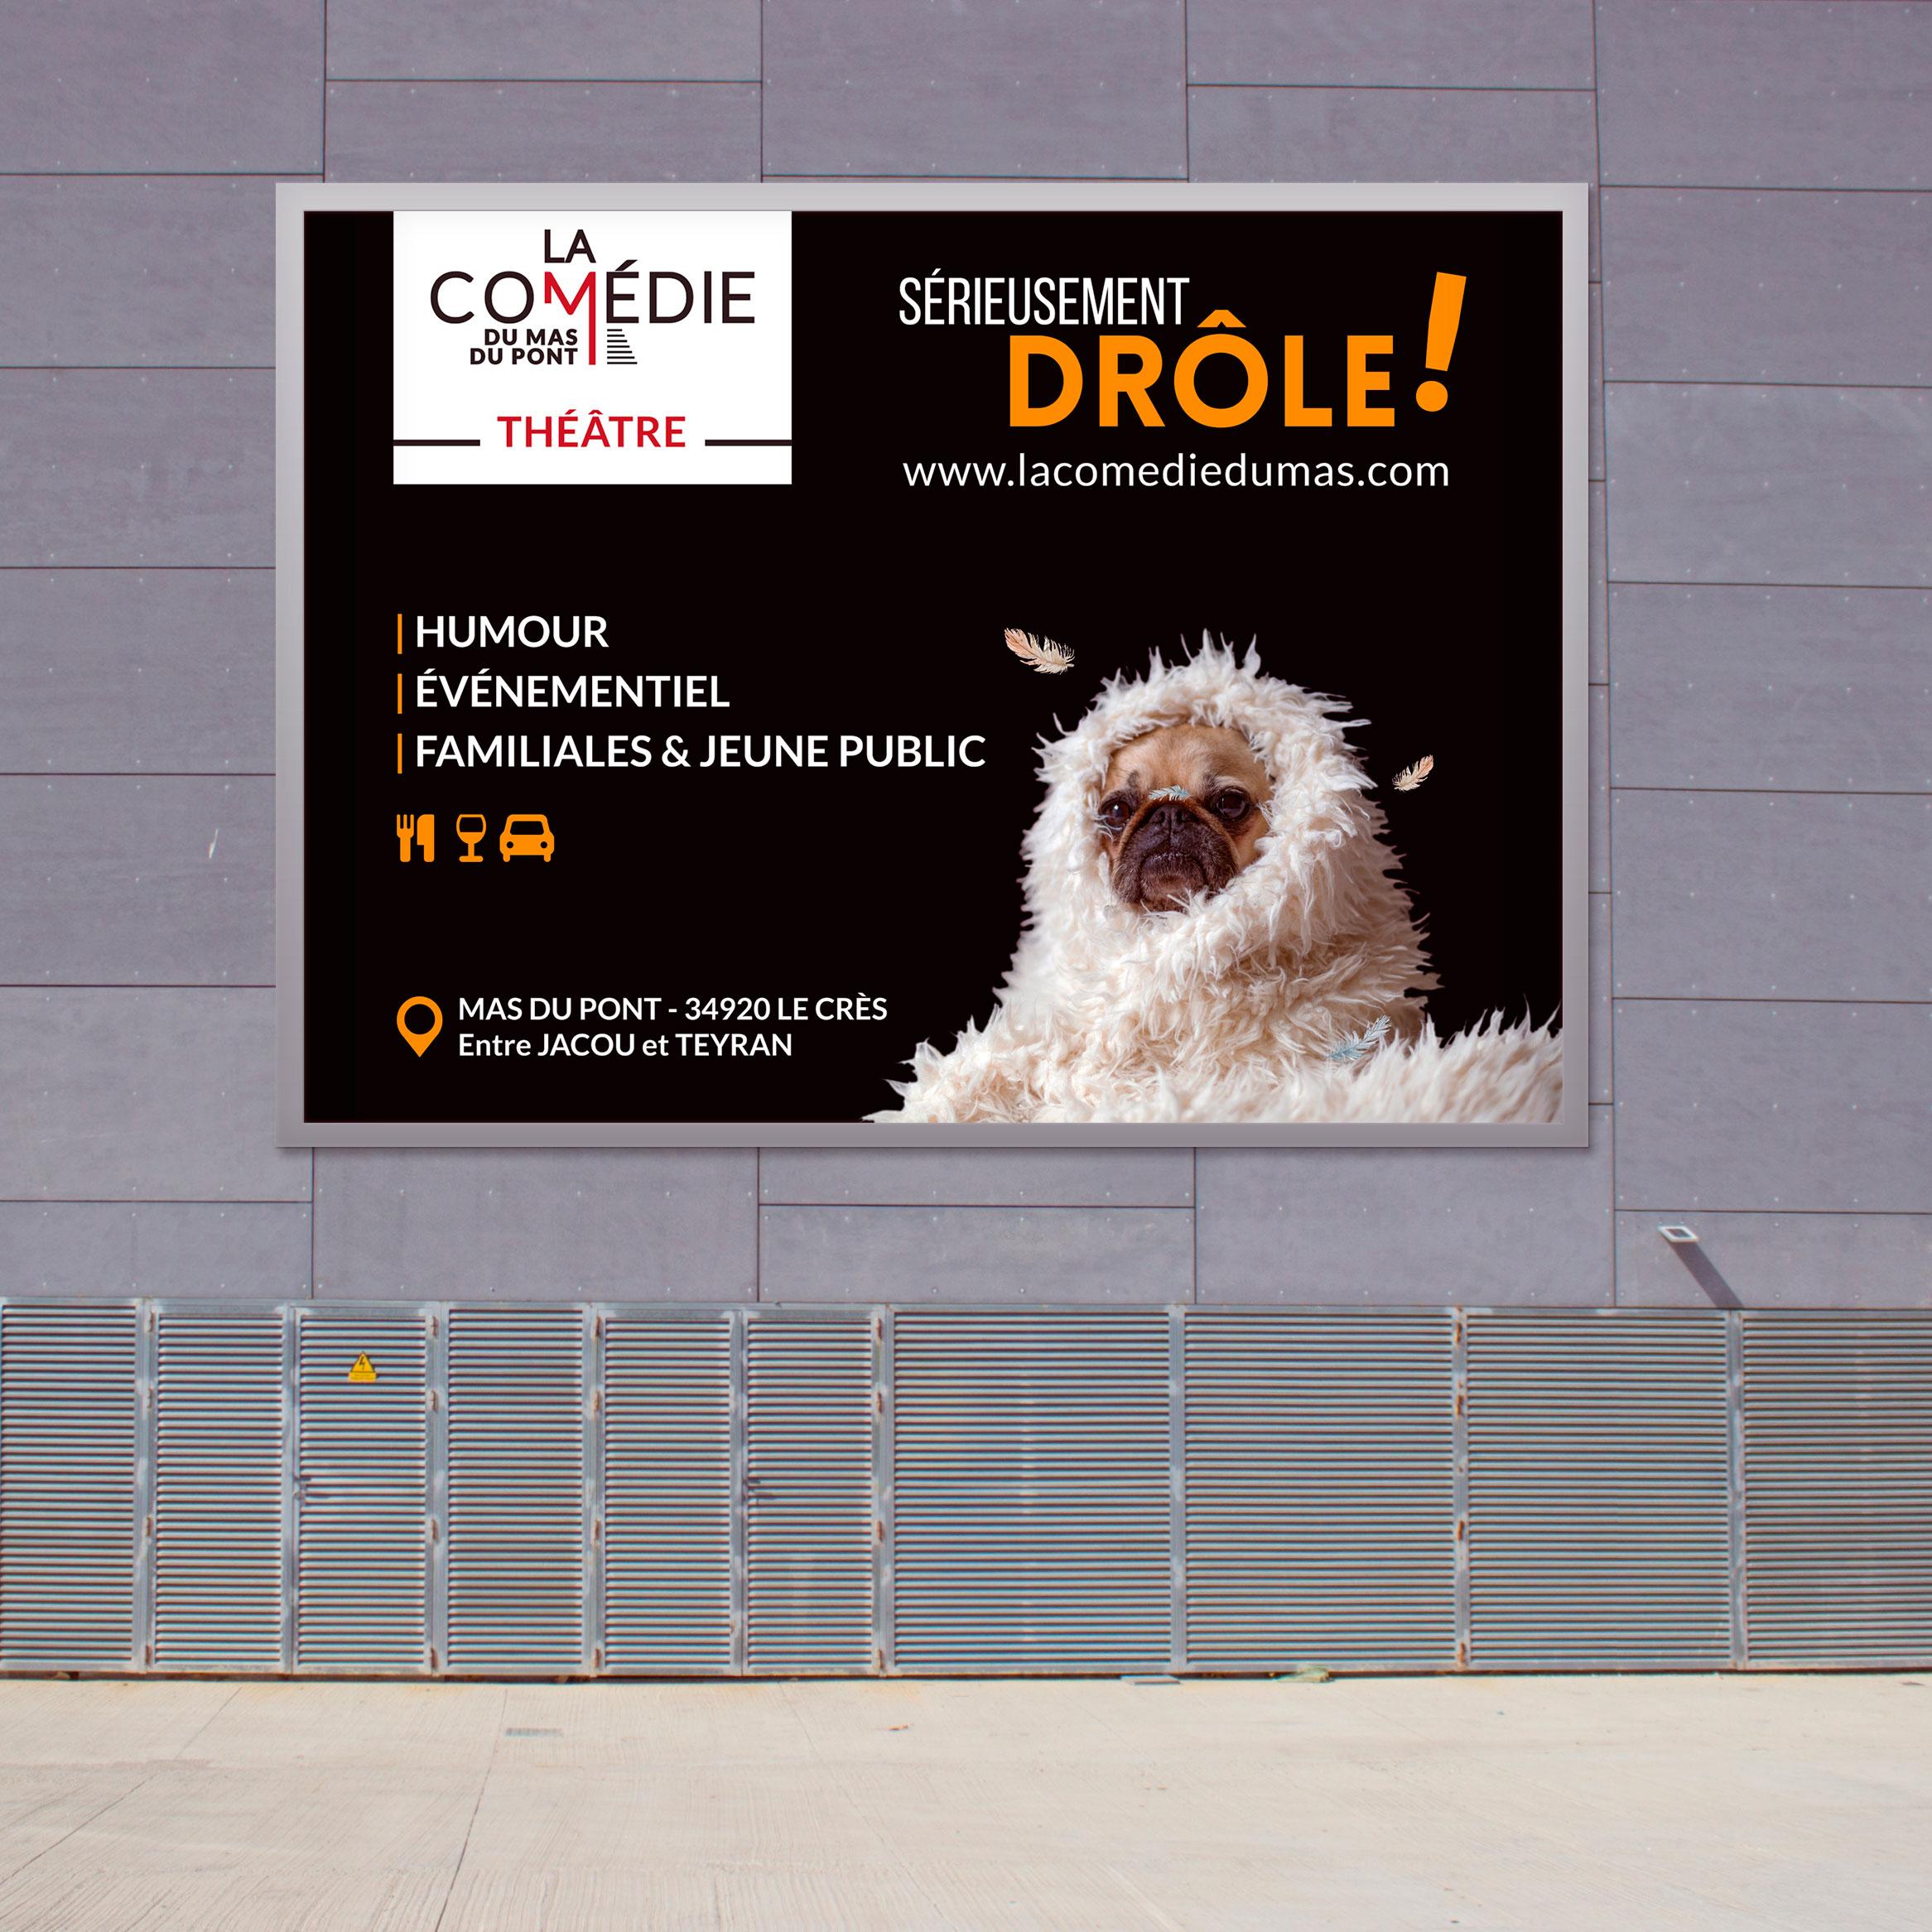 la Comédie du Mas | affichage urbain